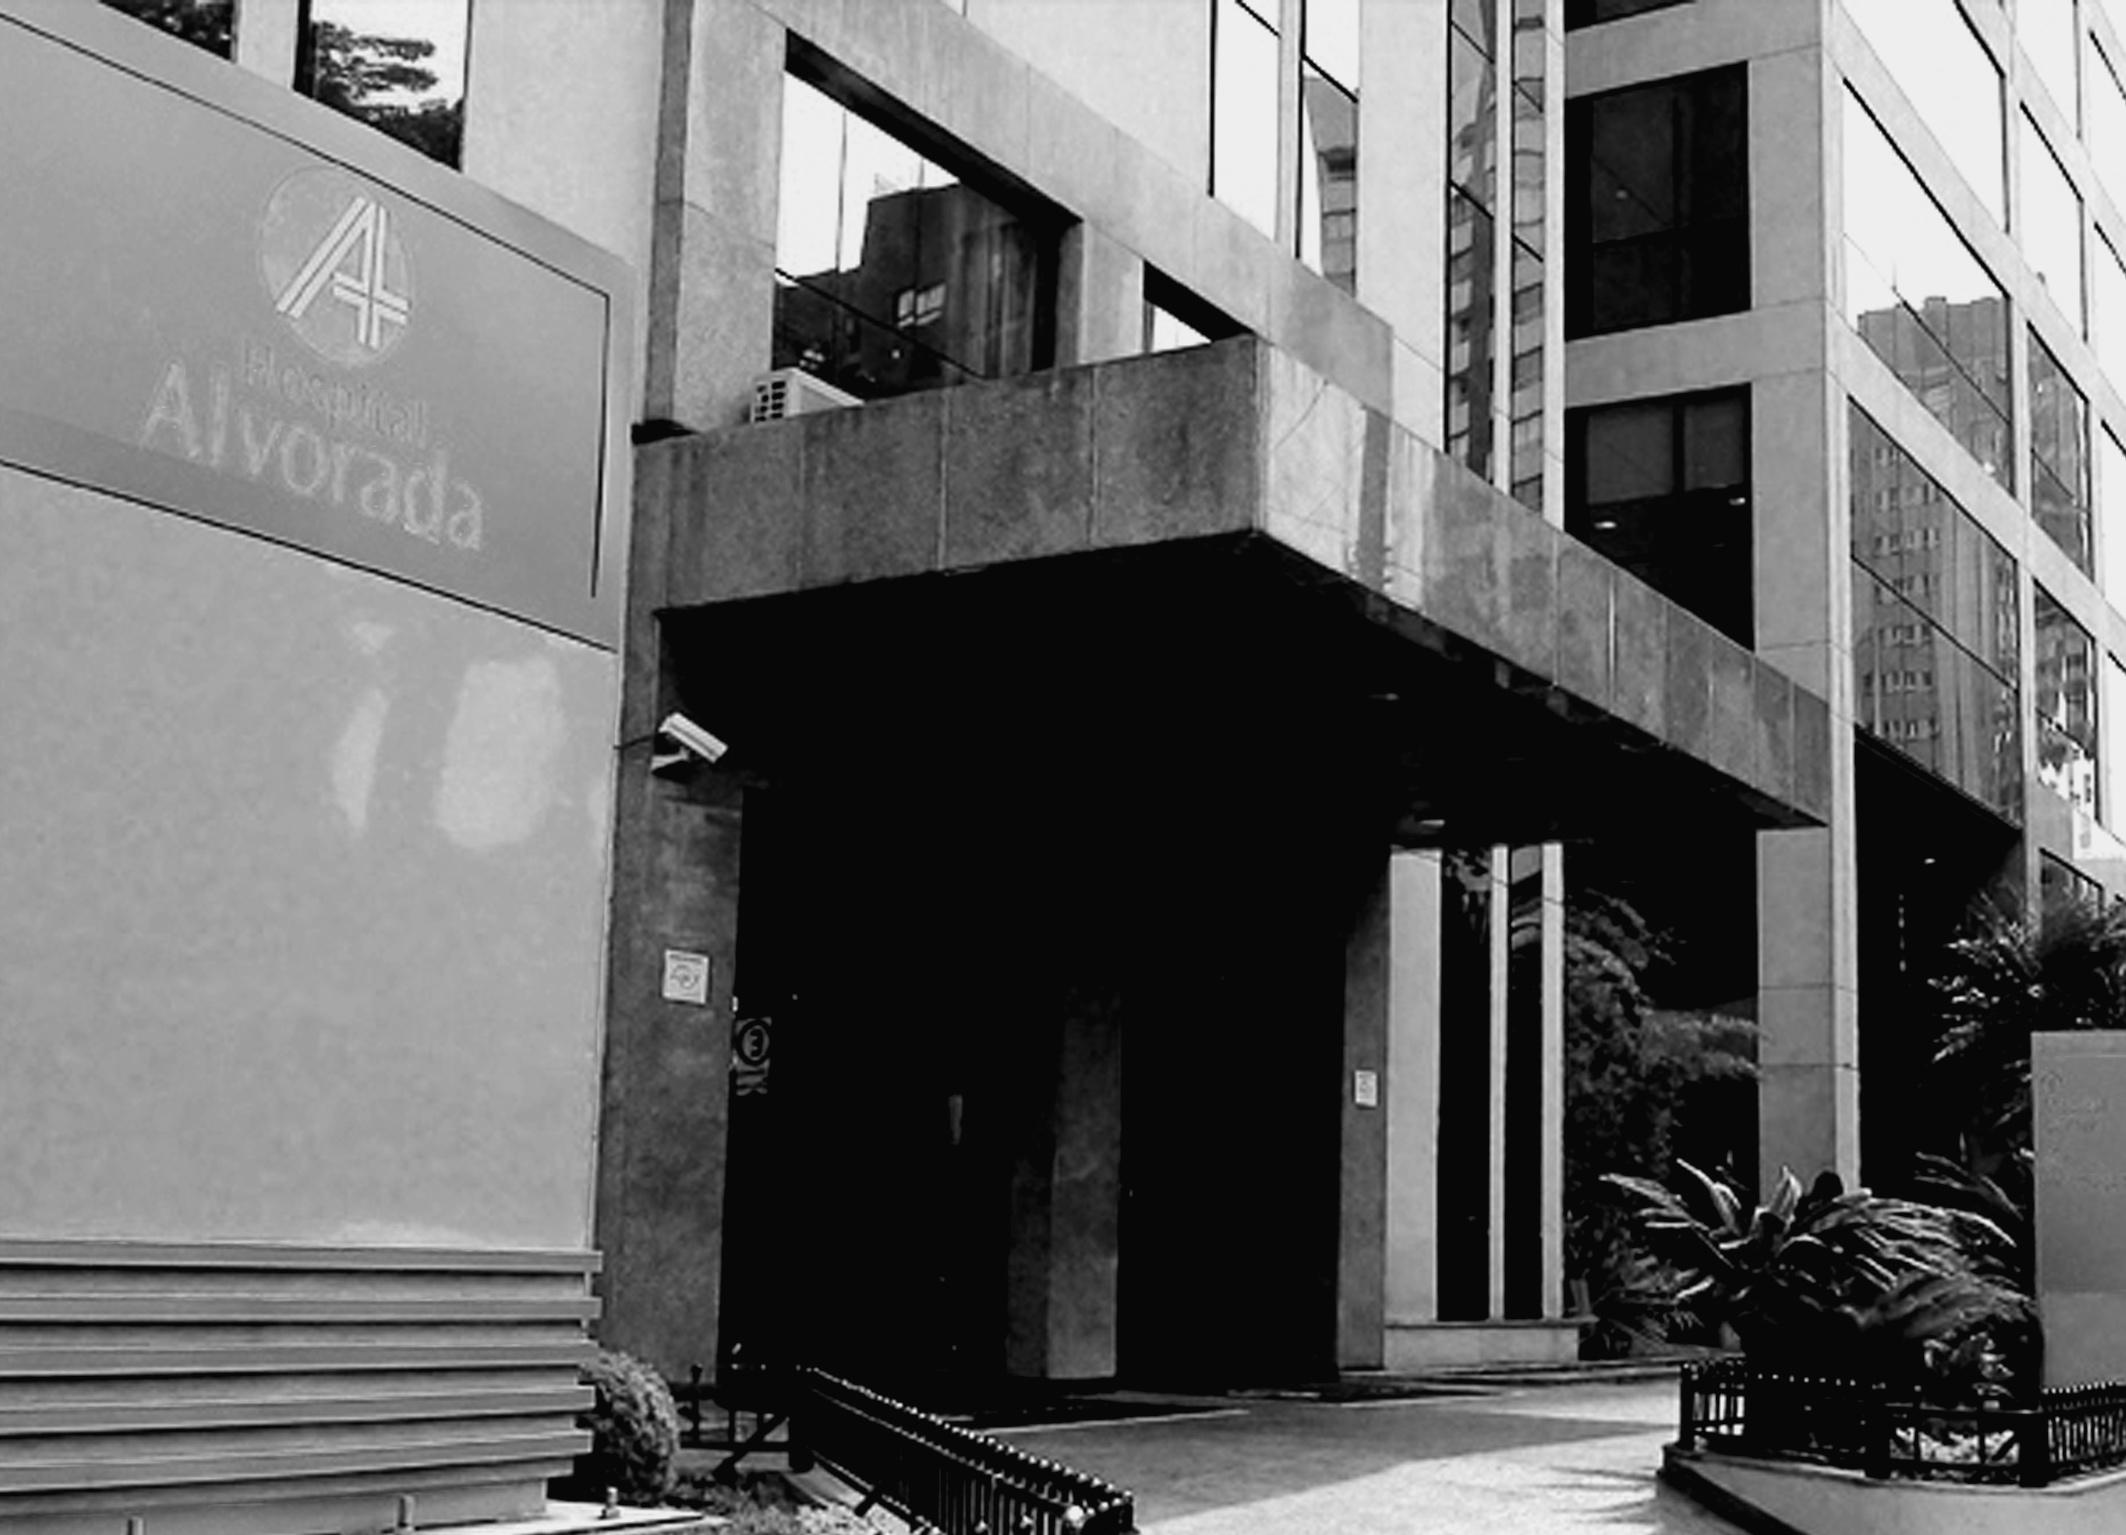 Hospital Alvorada - Av. Ministro Gabriel de Resende Passos, 550 - MoemaSão Paulo - SPAgendamentos:(11) 95688-6100contato@neocure.com